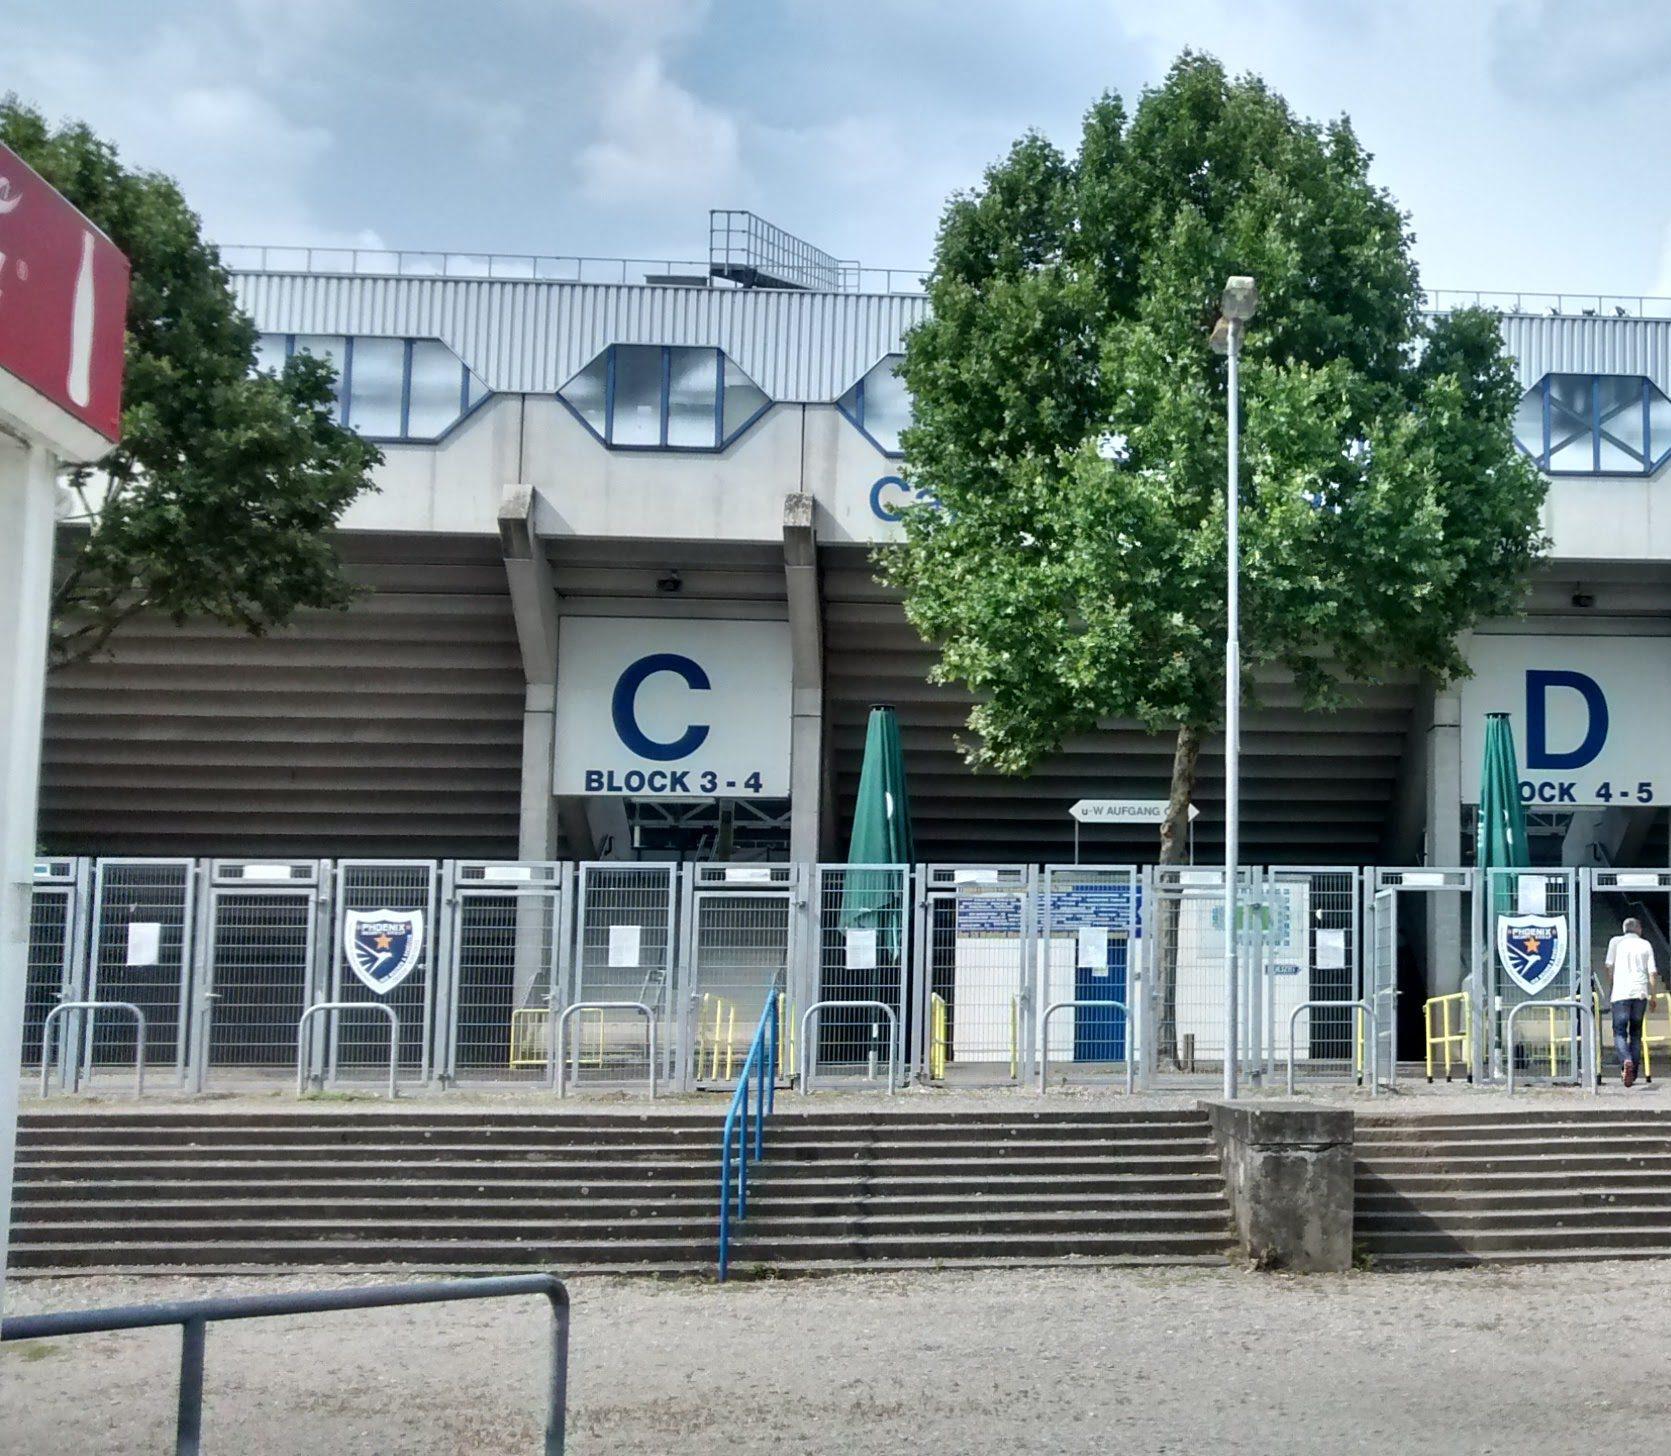 Hotel Und Pensionen Rostock Stadion